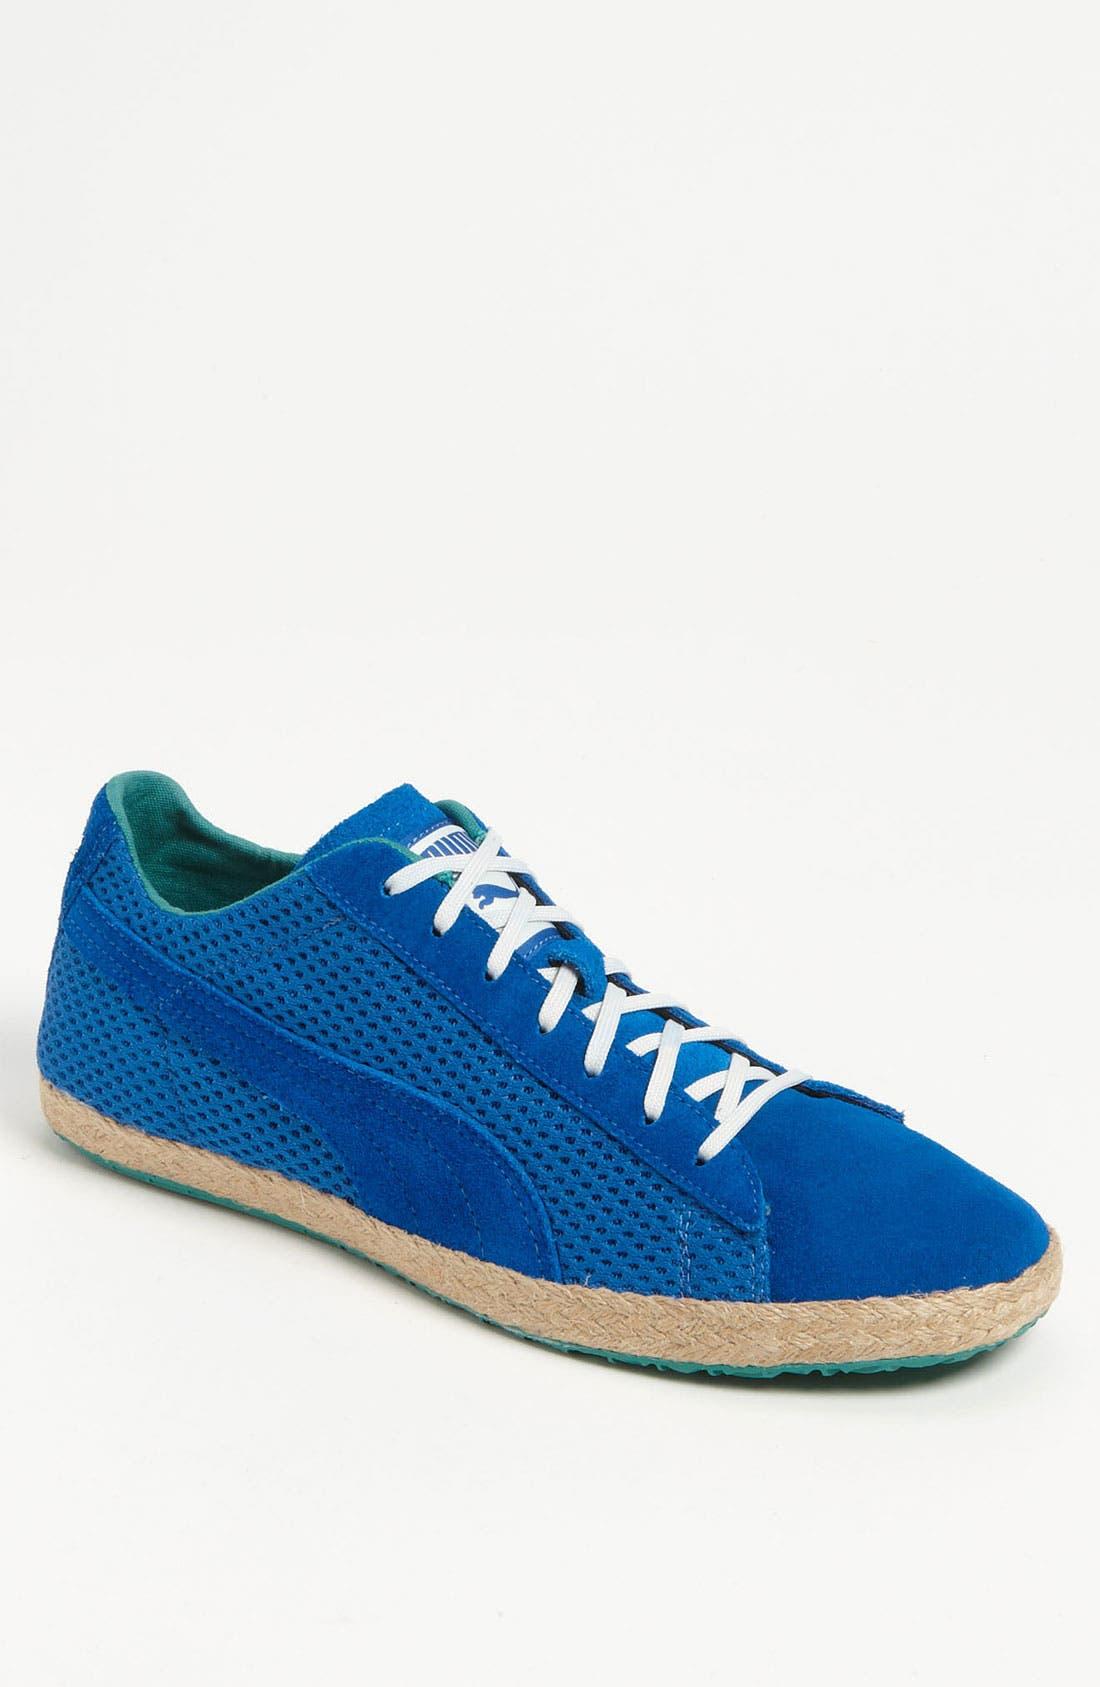 Alternate Image 1 Selected - PUMA 'Glyde' Sneaker (Men)